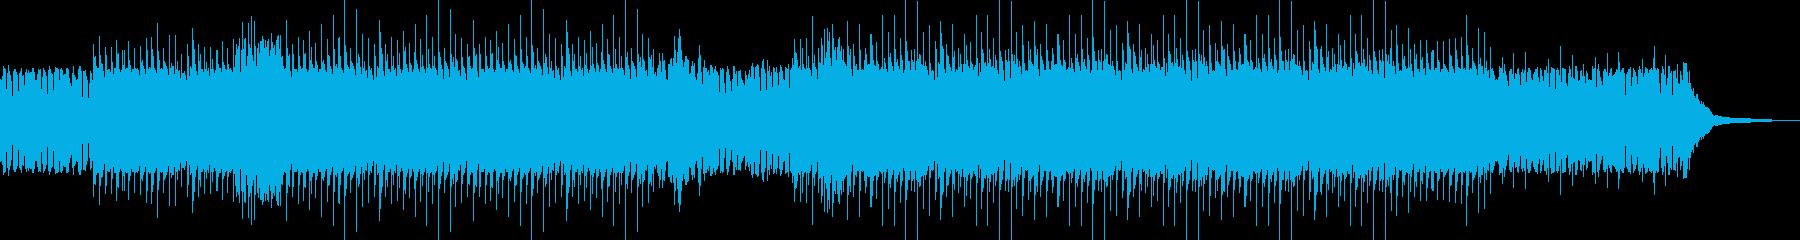 【高クオリティ】原宿渋谷EDM・ギャルの再生済みの波形